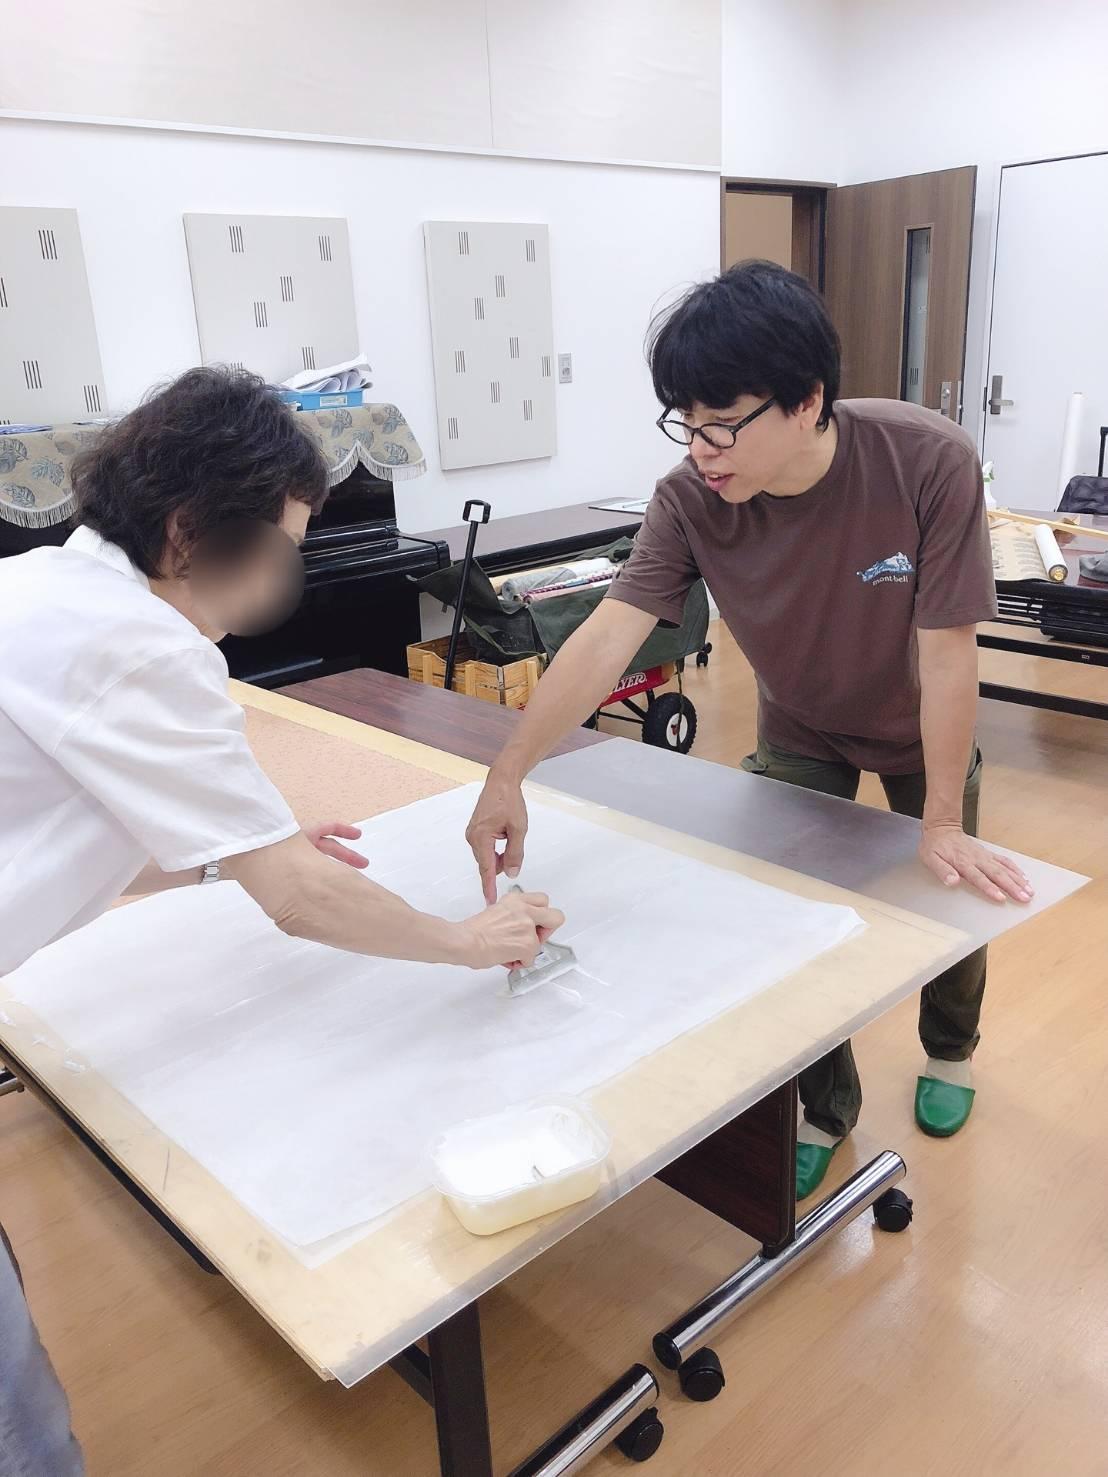 【三木校】体験:はじめての表装セミナー・日曜クラス3DAY体験 19/03/01~20/06/07